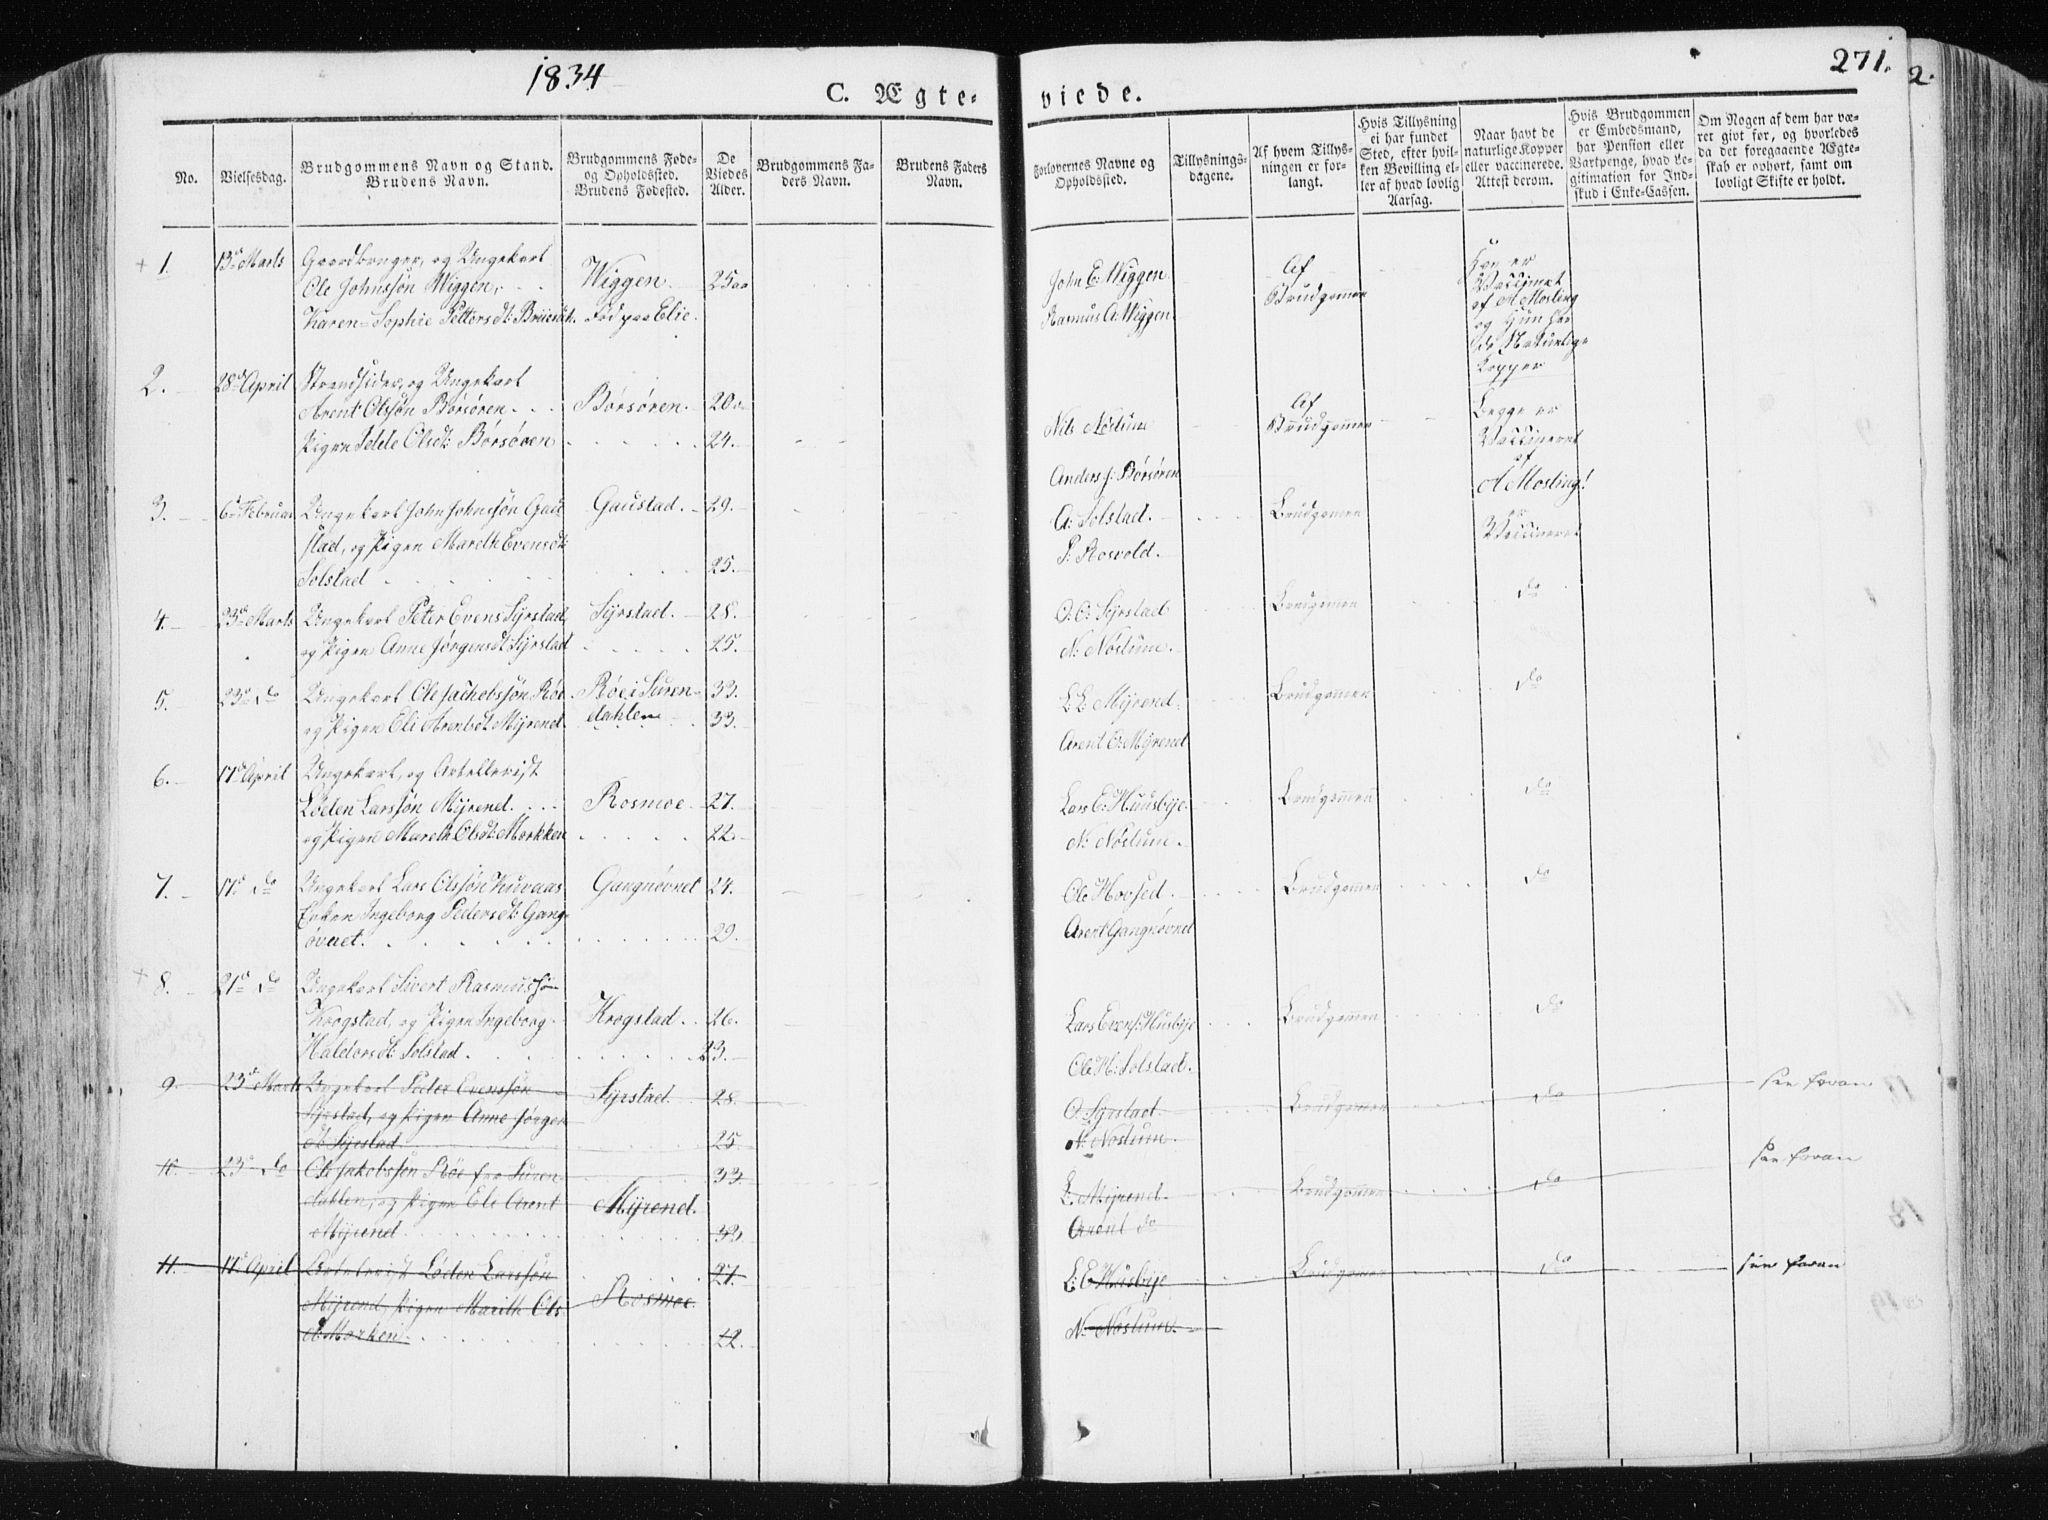 SAT, Ministerialprotokoller, klokkerbøker og fødselsregistre - Sør-Trøndelag, 665/L0771: Ministerialbok nr. 665A06, 1830-1856, s. 271